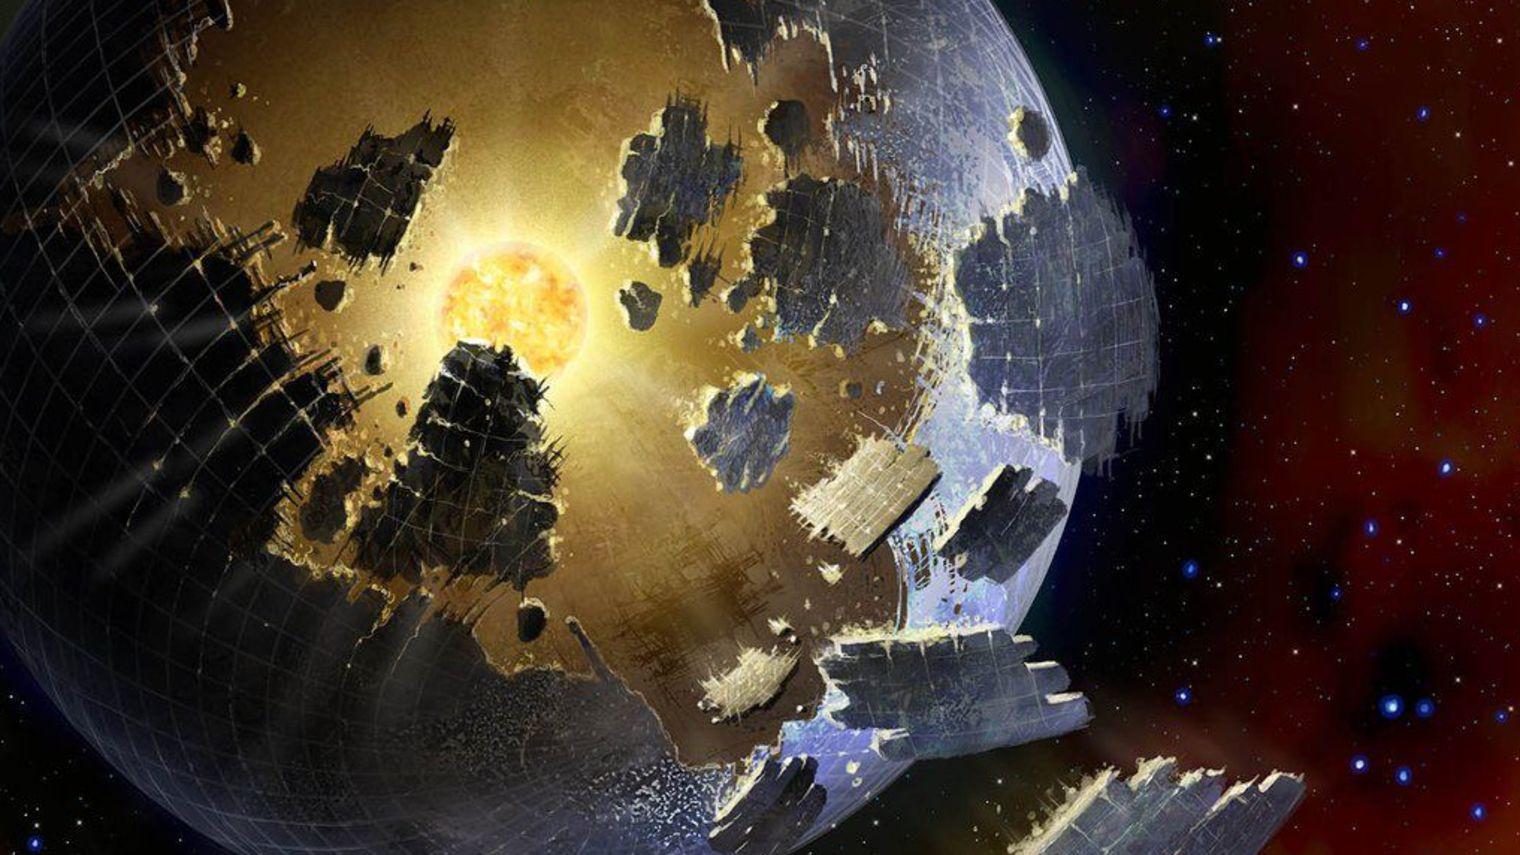 alien-sphere-dyson_5498763